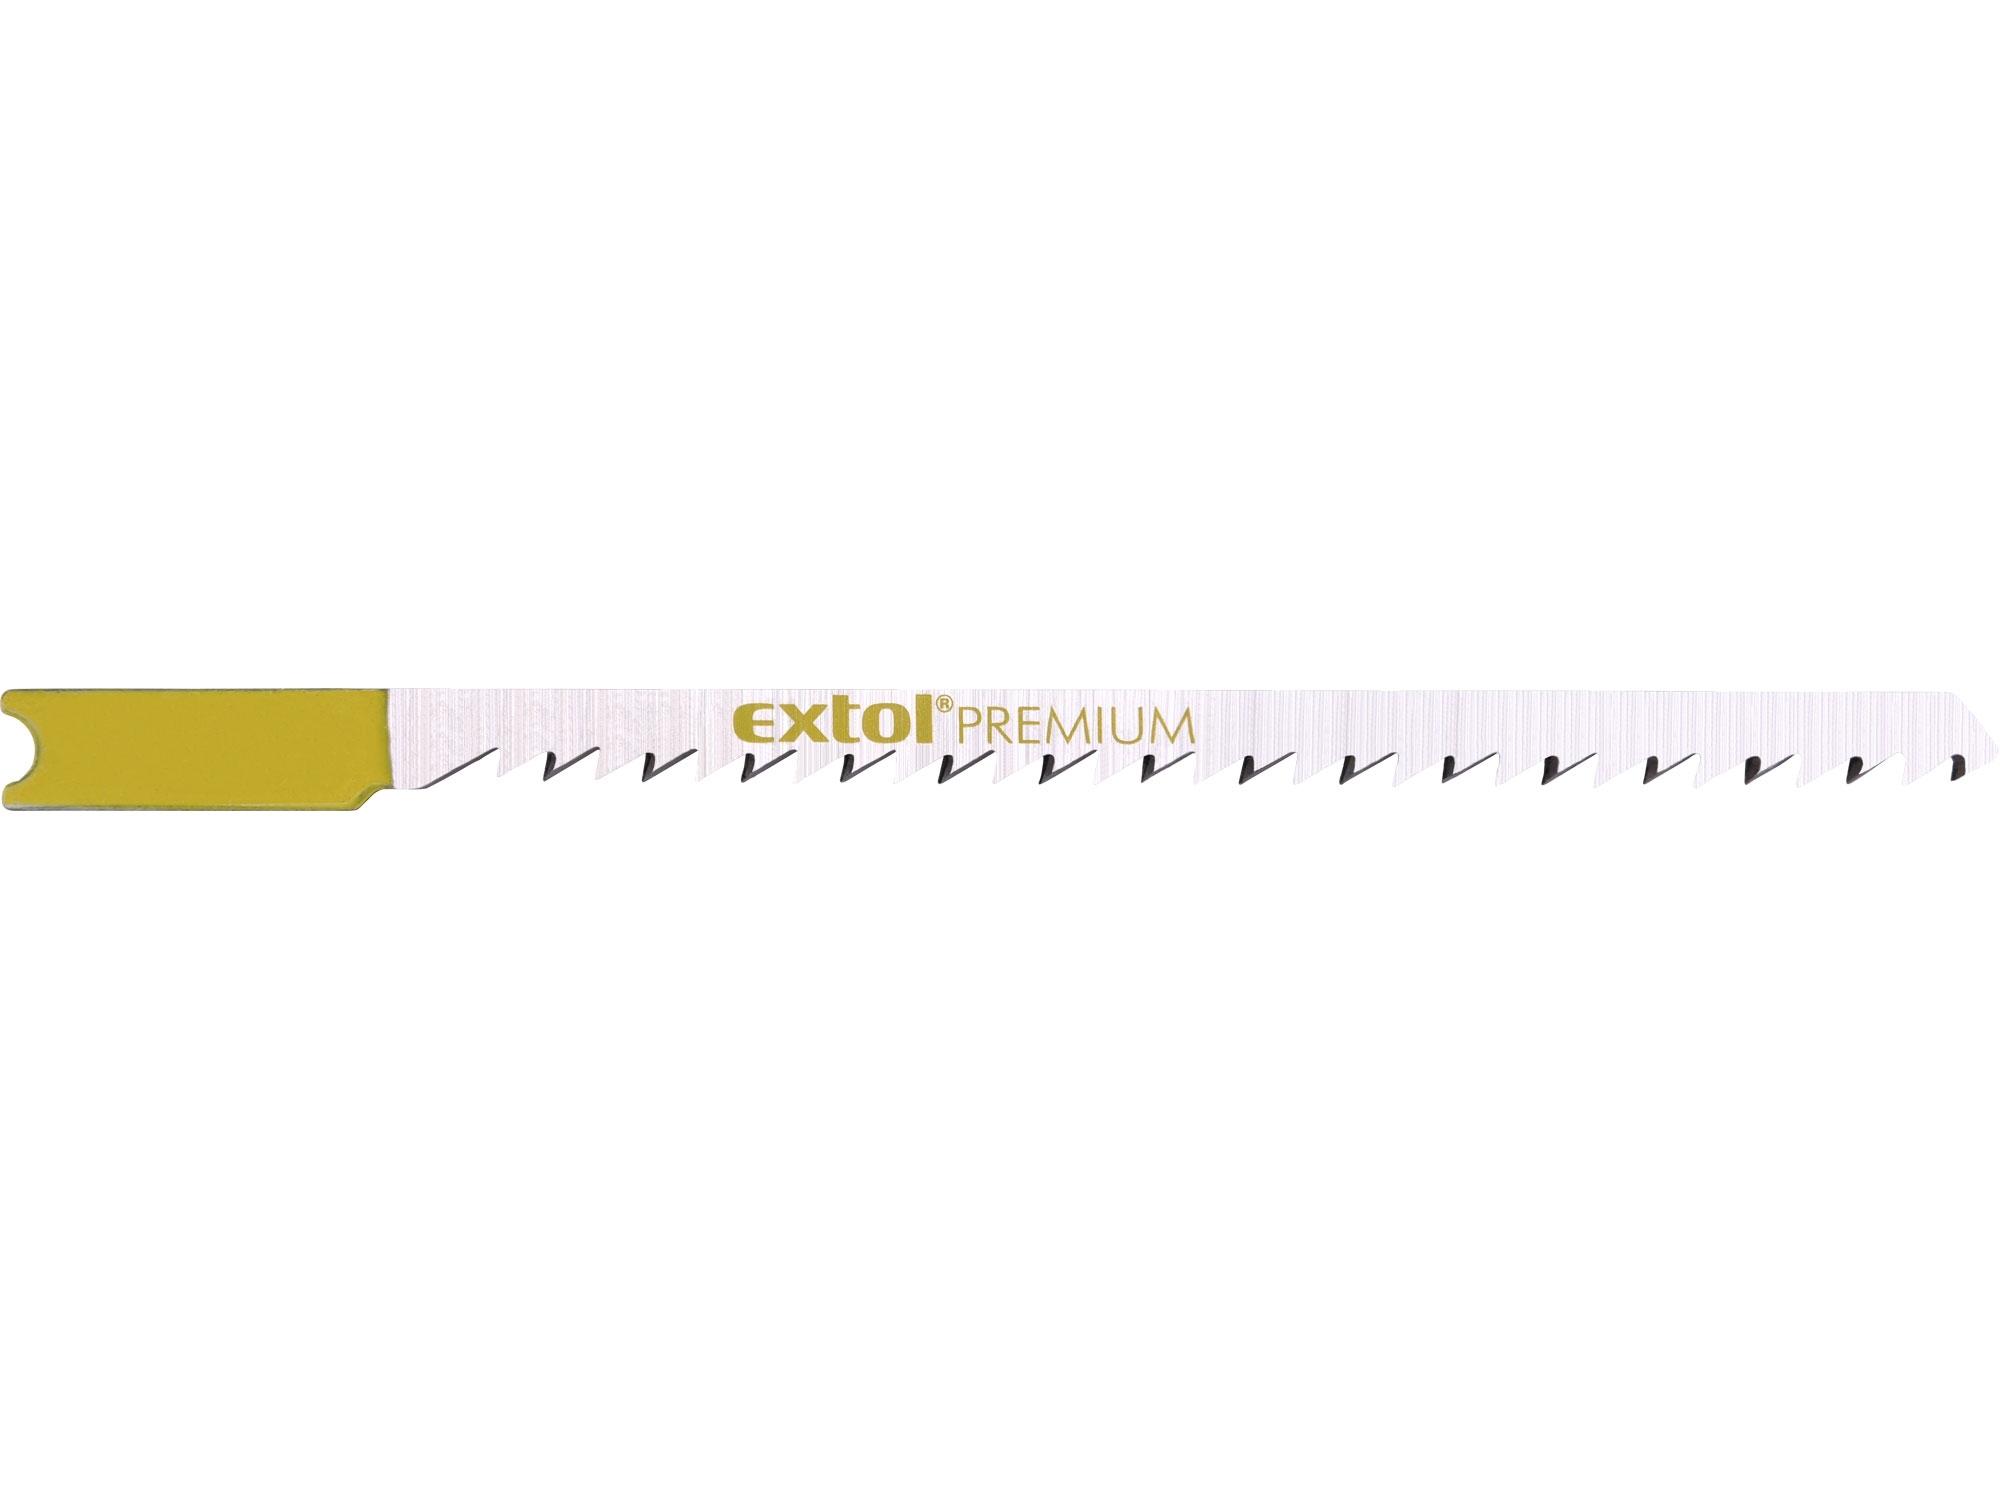 plátky do přímočaré pily 5ks, 75x2,5mm, HCS, EXTOL PREMIUM 8805503